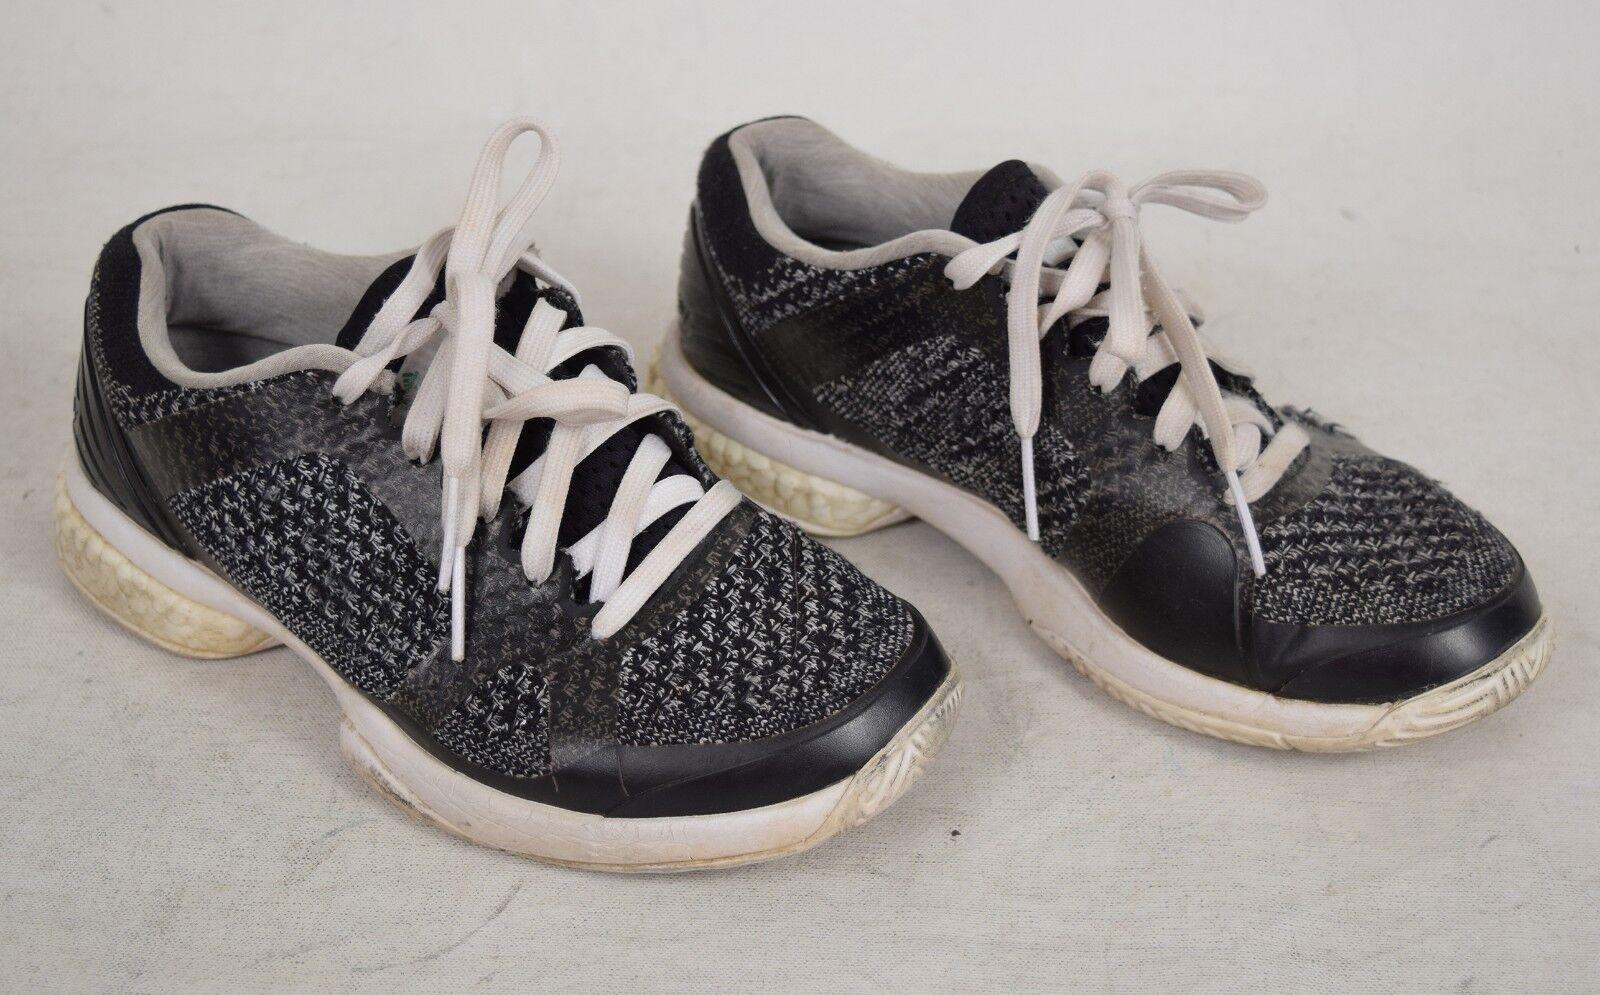 Stella McCartney Adidas Barricade Boost Tennis shoes 5.5 US AQ2380